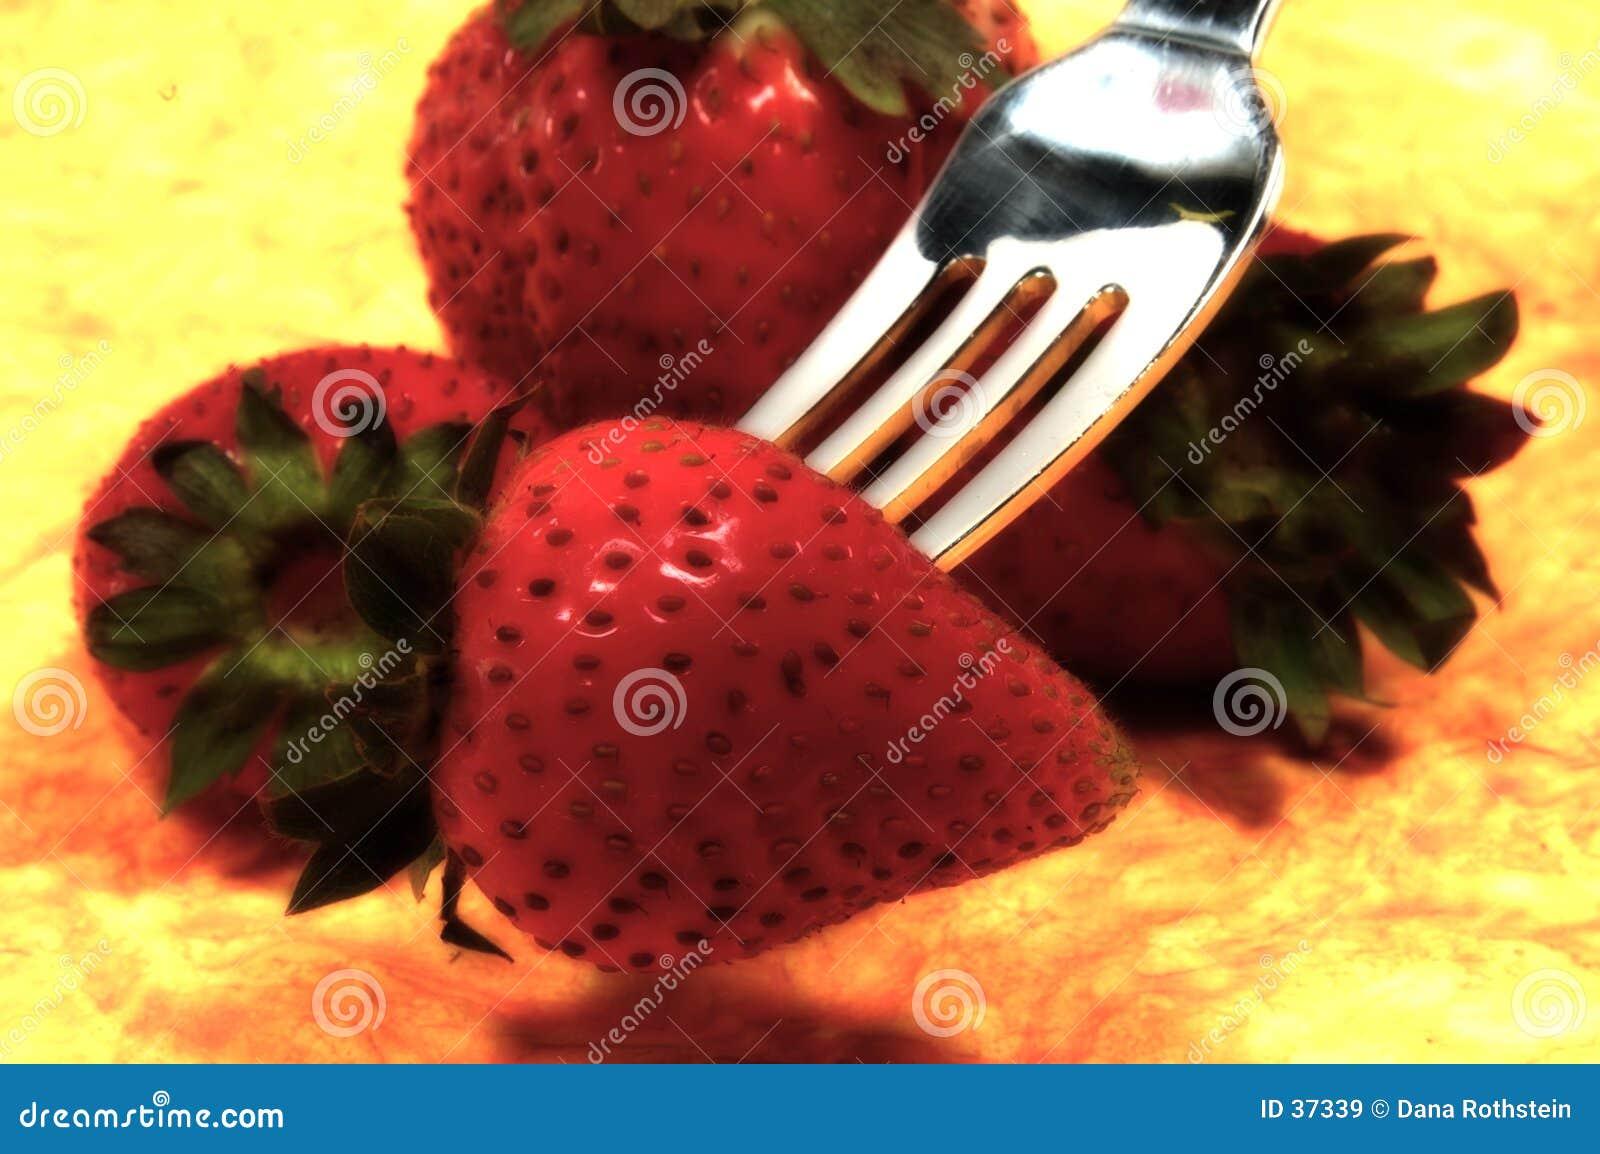 Download Erdbeeren stockbild. Bild von unschärfe, erdbeere, haupt - 37339